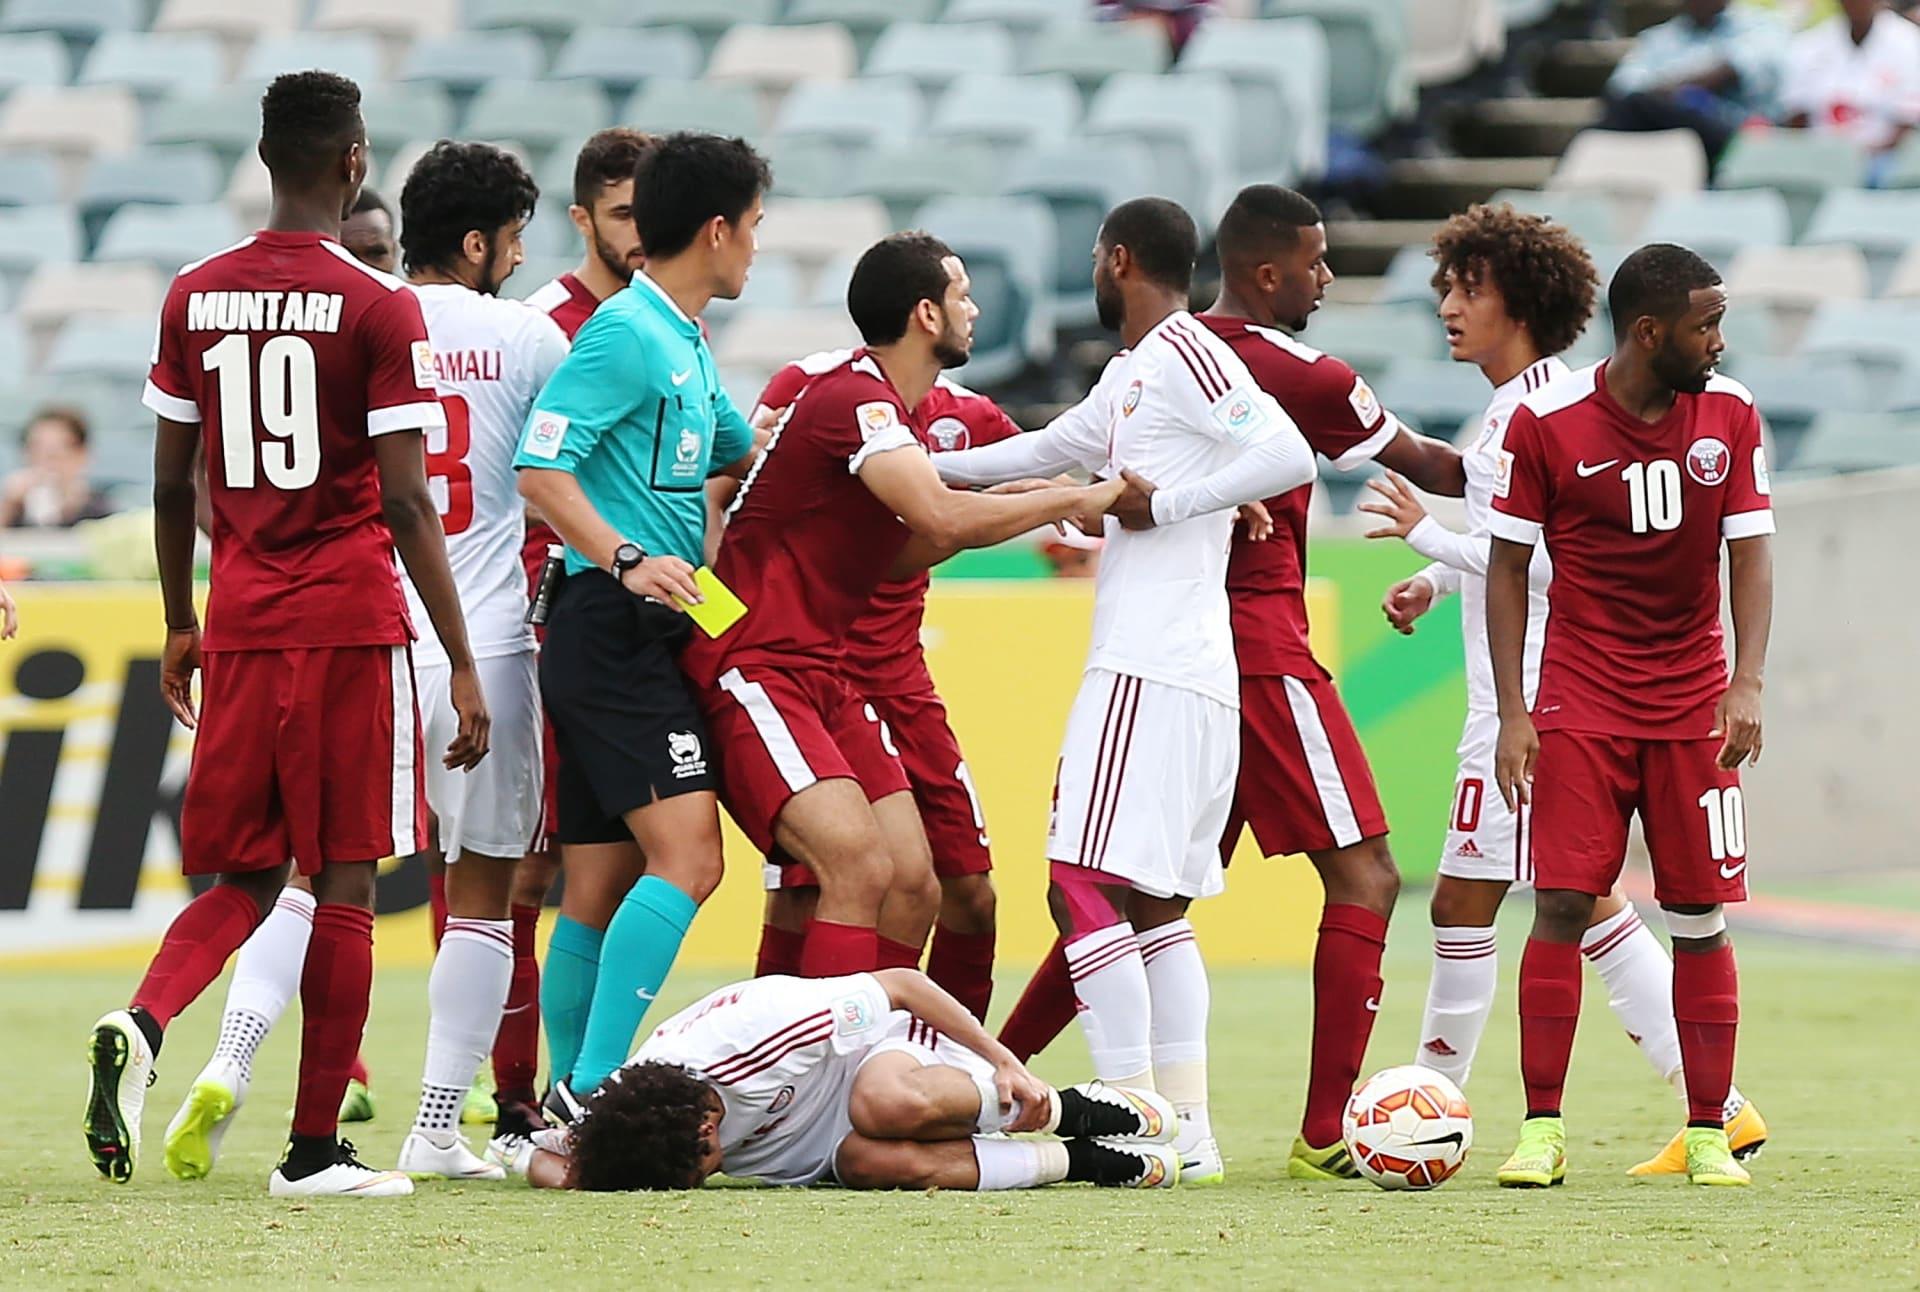 """بعد تحذيرات شرطة أبوظبي.. كيف يمكن أن تؤثر مشادات """"السوشال ميديا"""" على مباراة الإمارات وقطر؟"""